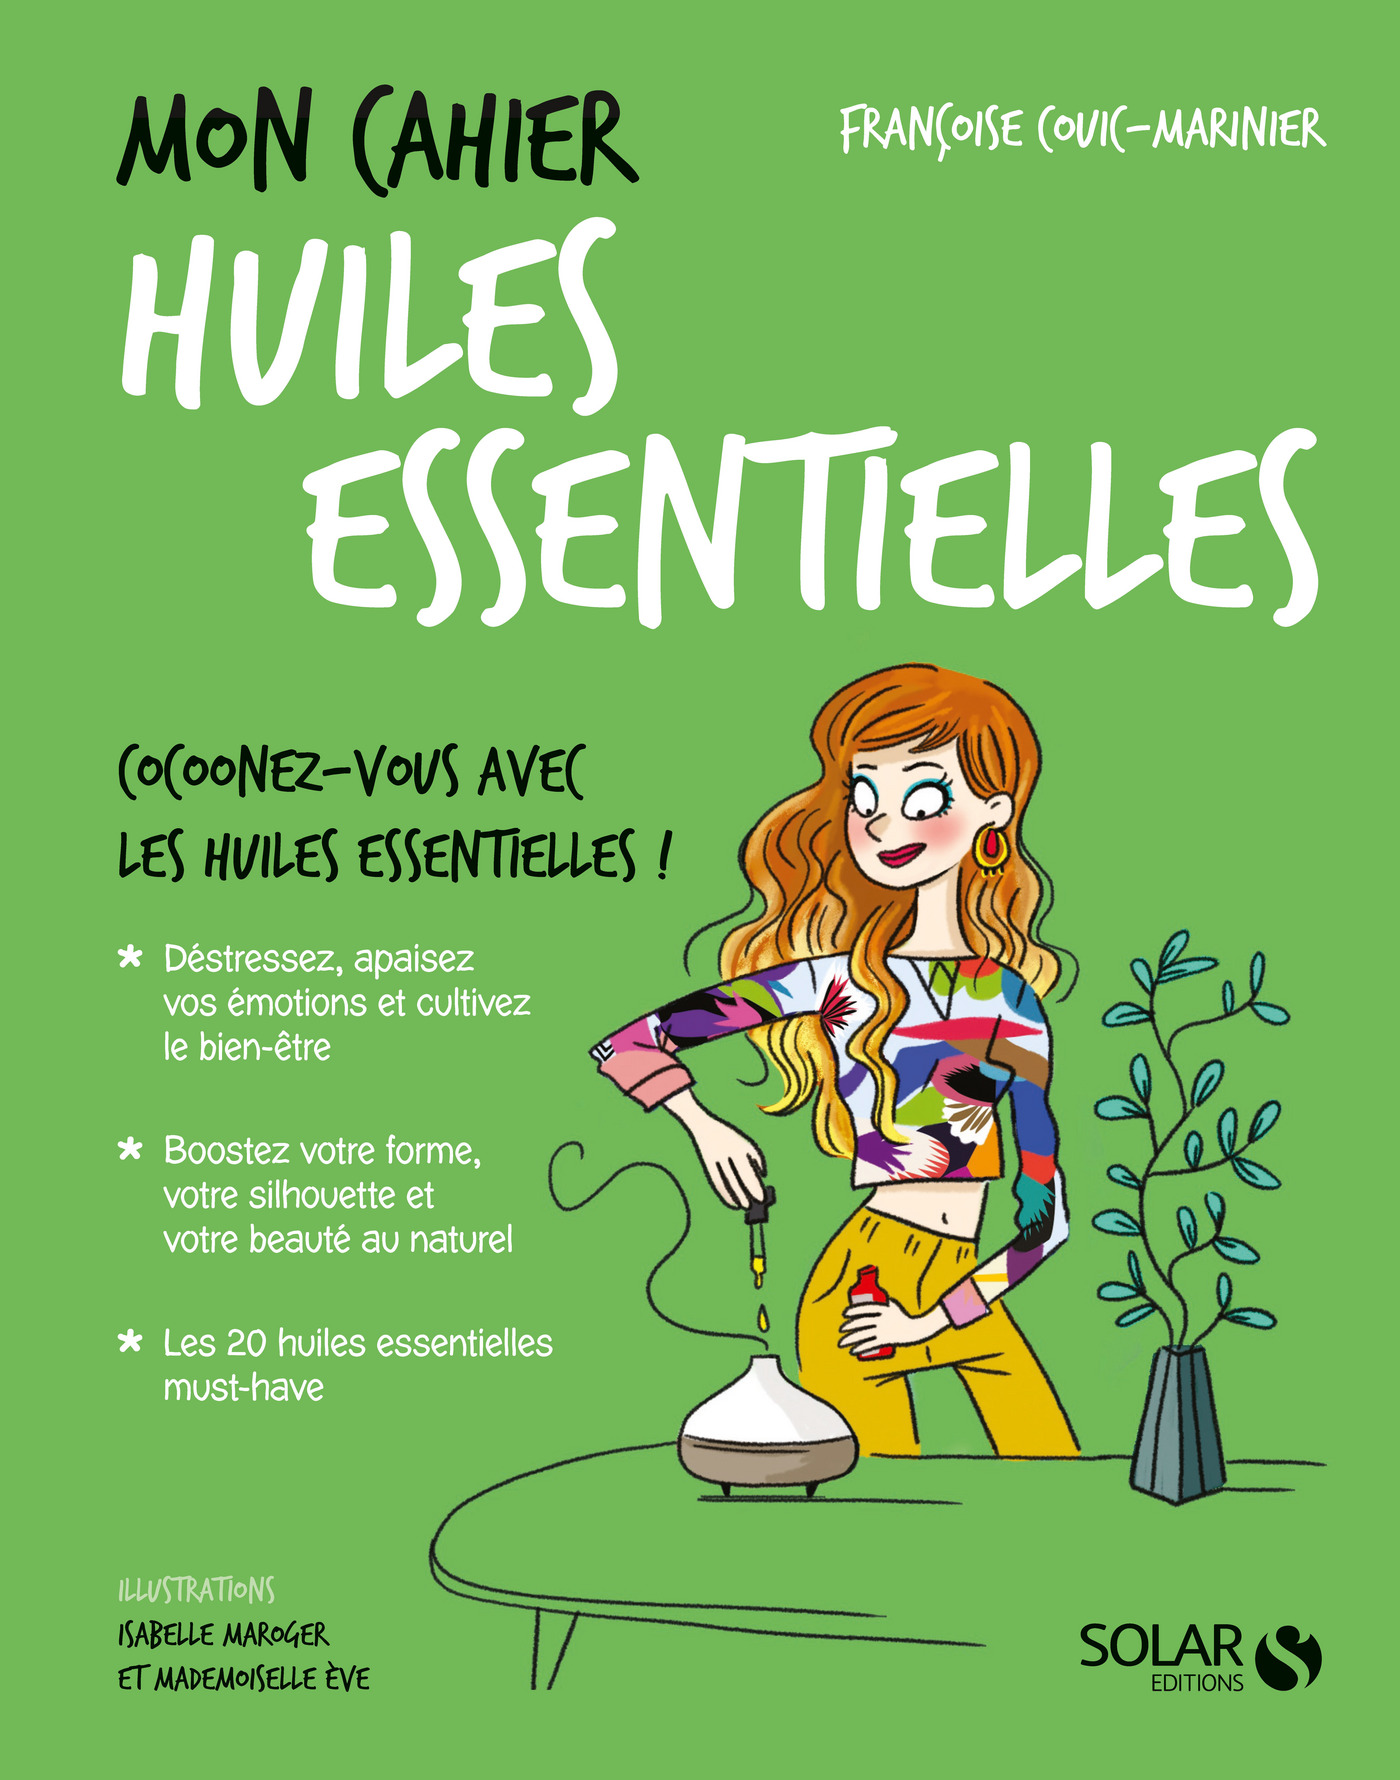 Mon cahier Huiles essentielles | COUIC-MARINIER, Françoise